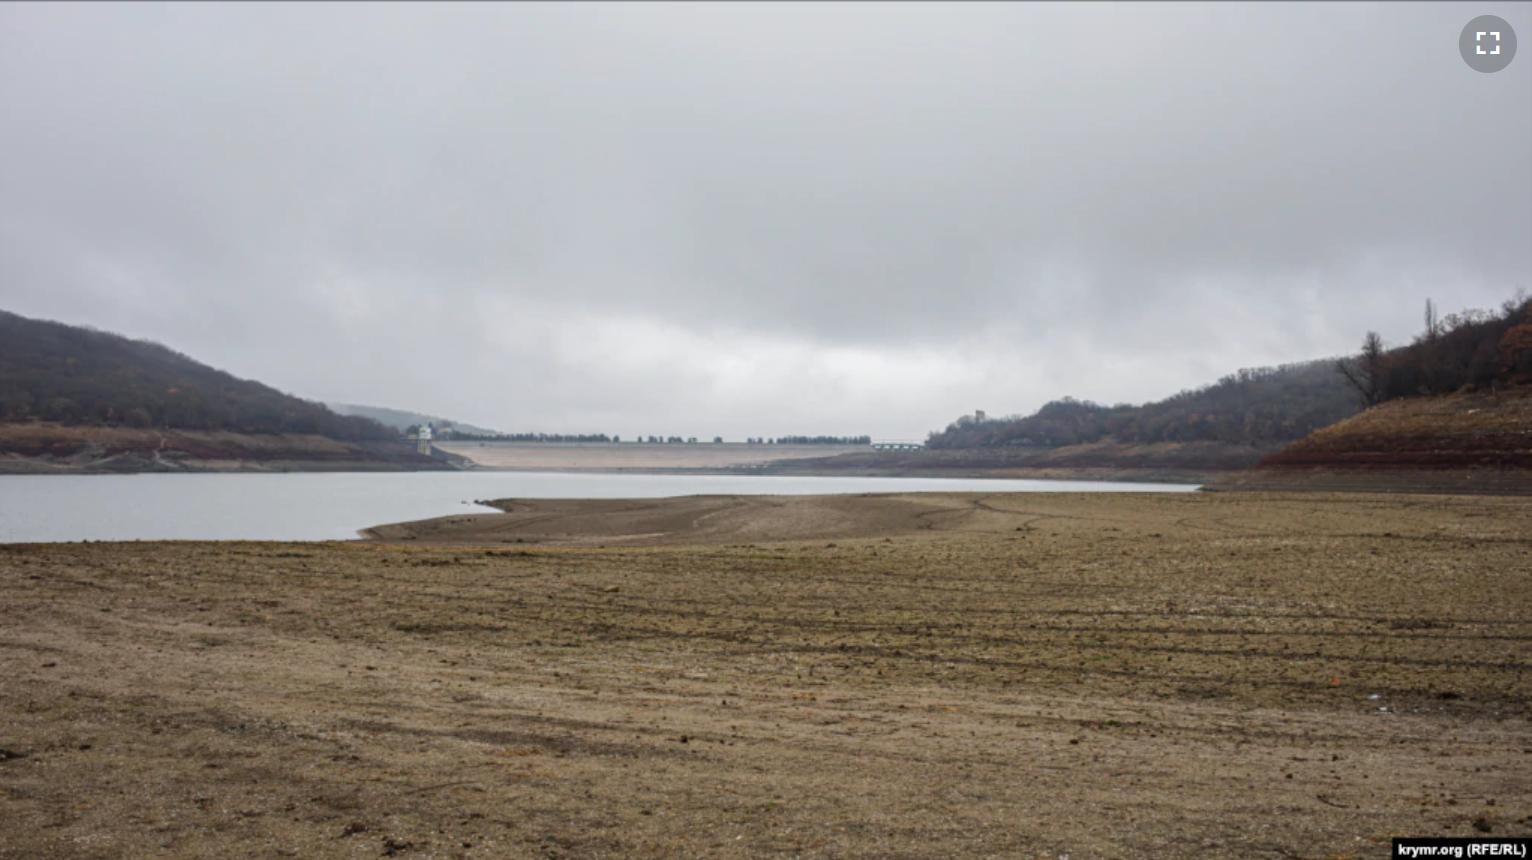 Наповнюваність Партизанського водосховища впала до 7 млн кубометрів.